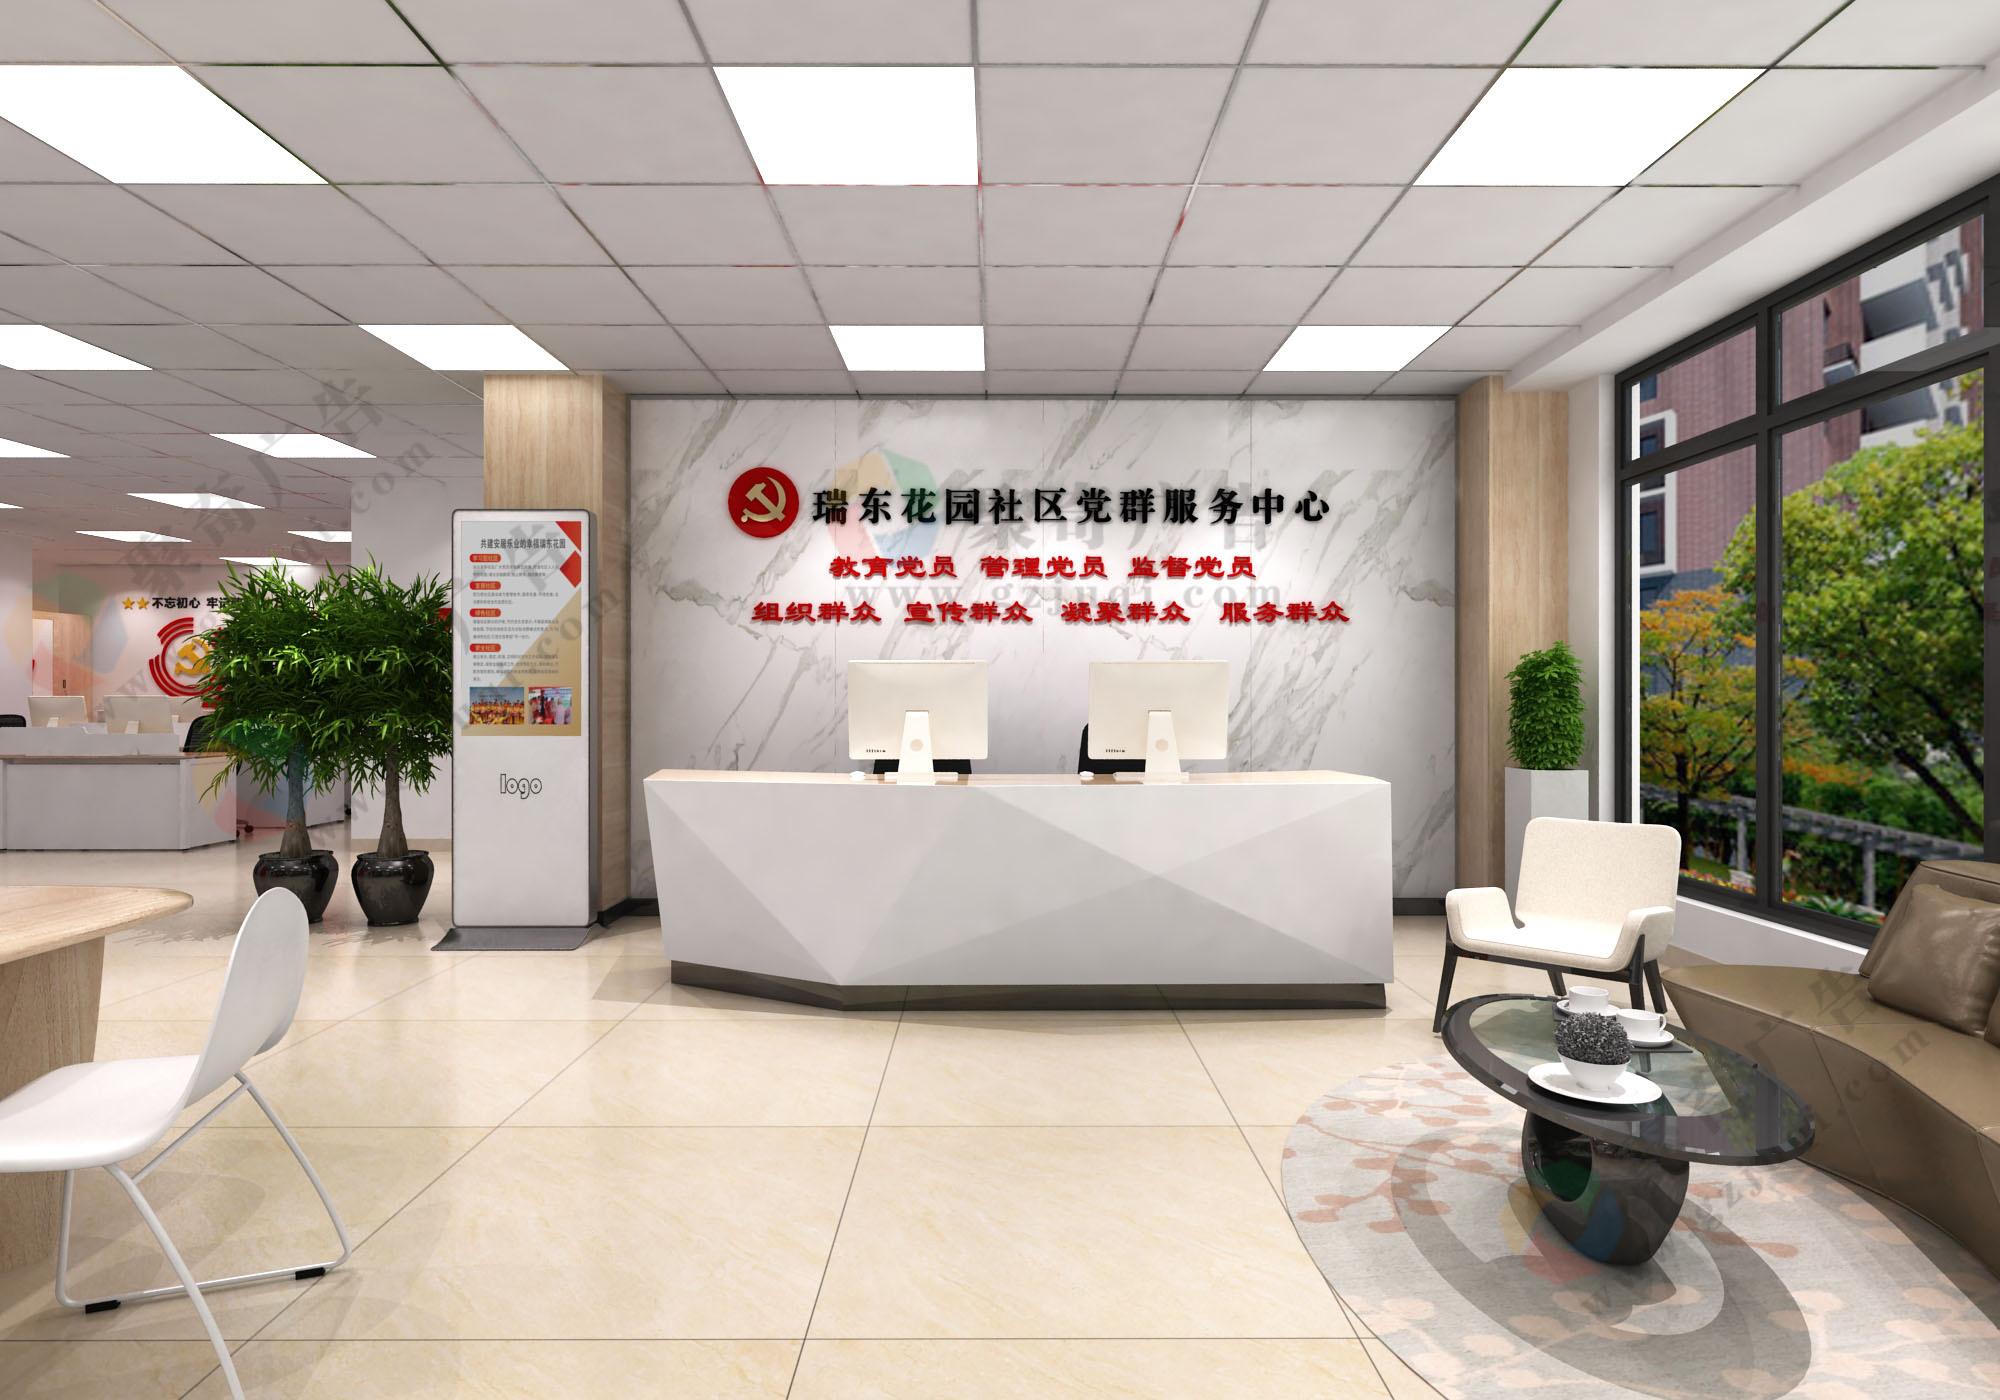 黄埔瑞东花园社区文化党群服务中心策划设计